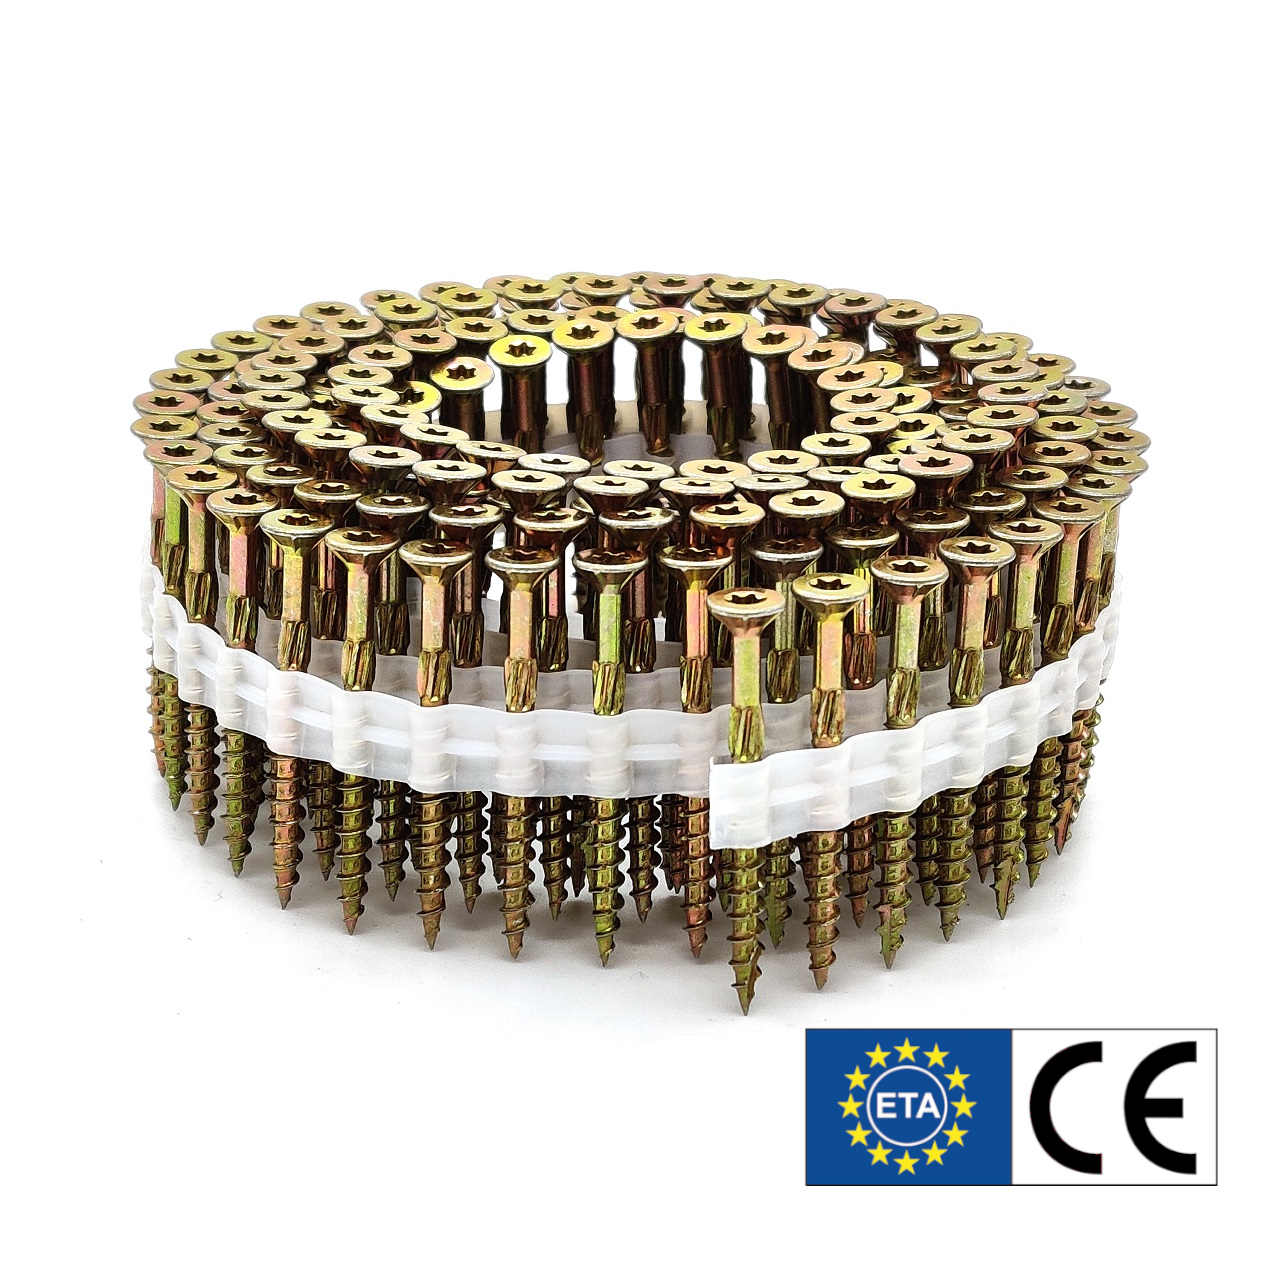 Coil adunox-SuperUni Holzschrauben / Spanplattenschrauben | gelb verzinkt | 5,0x50 | 1.125 Stk